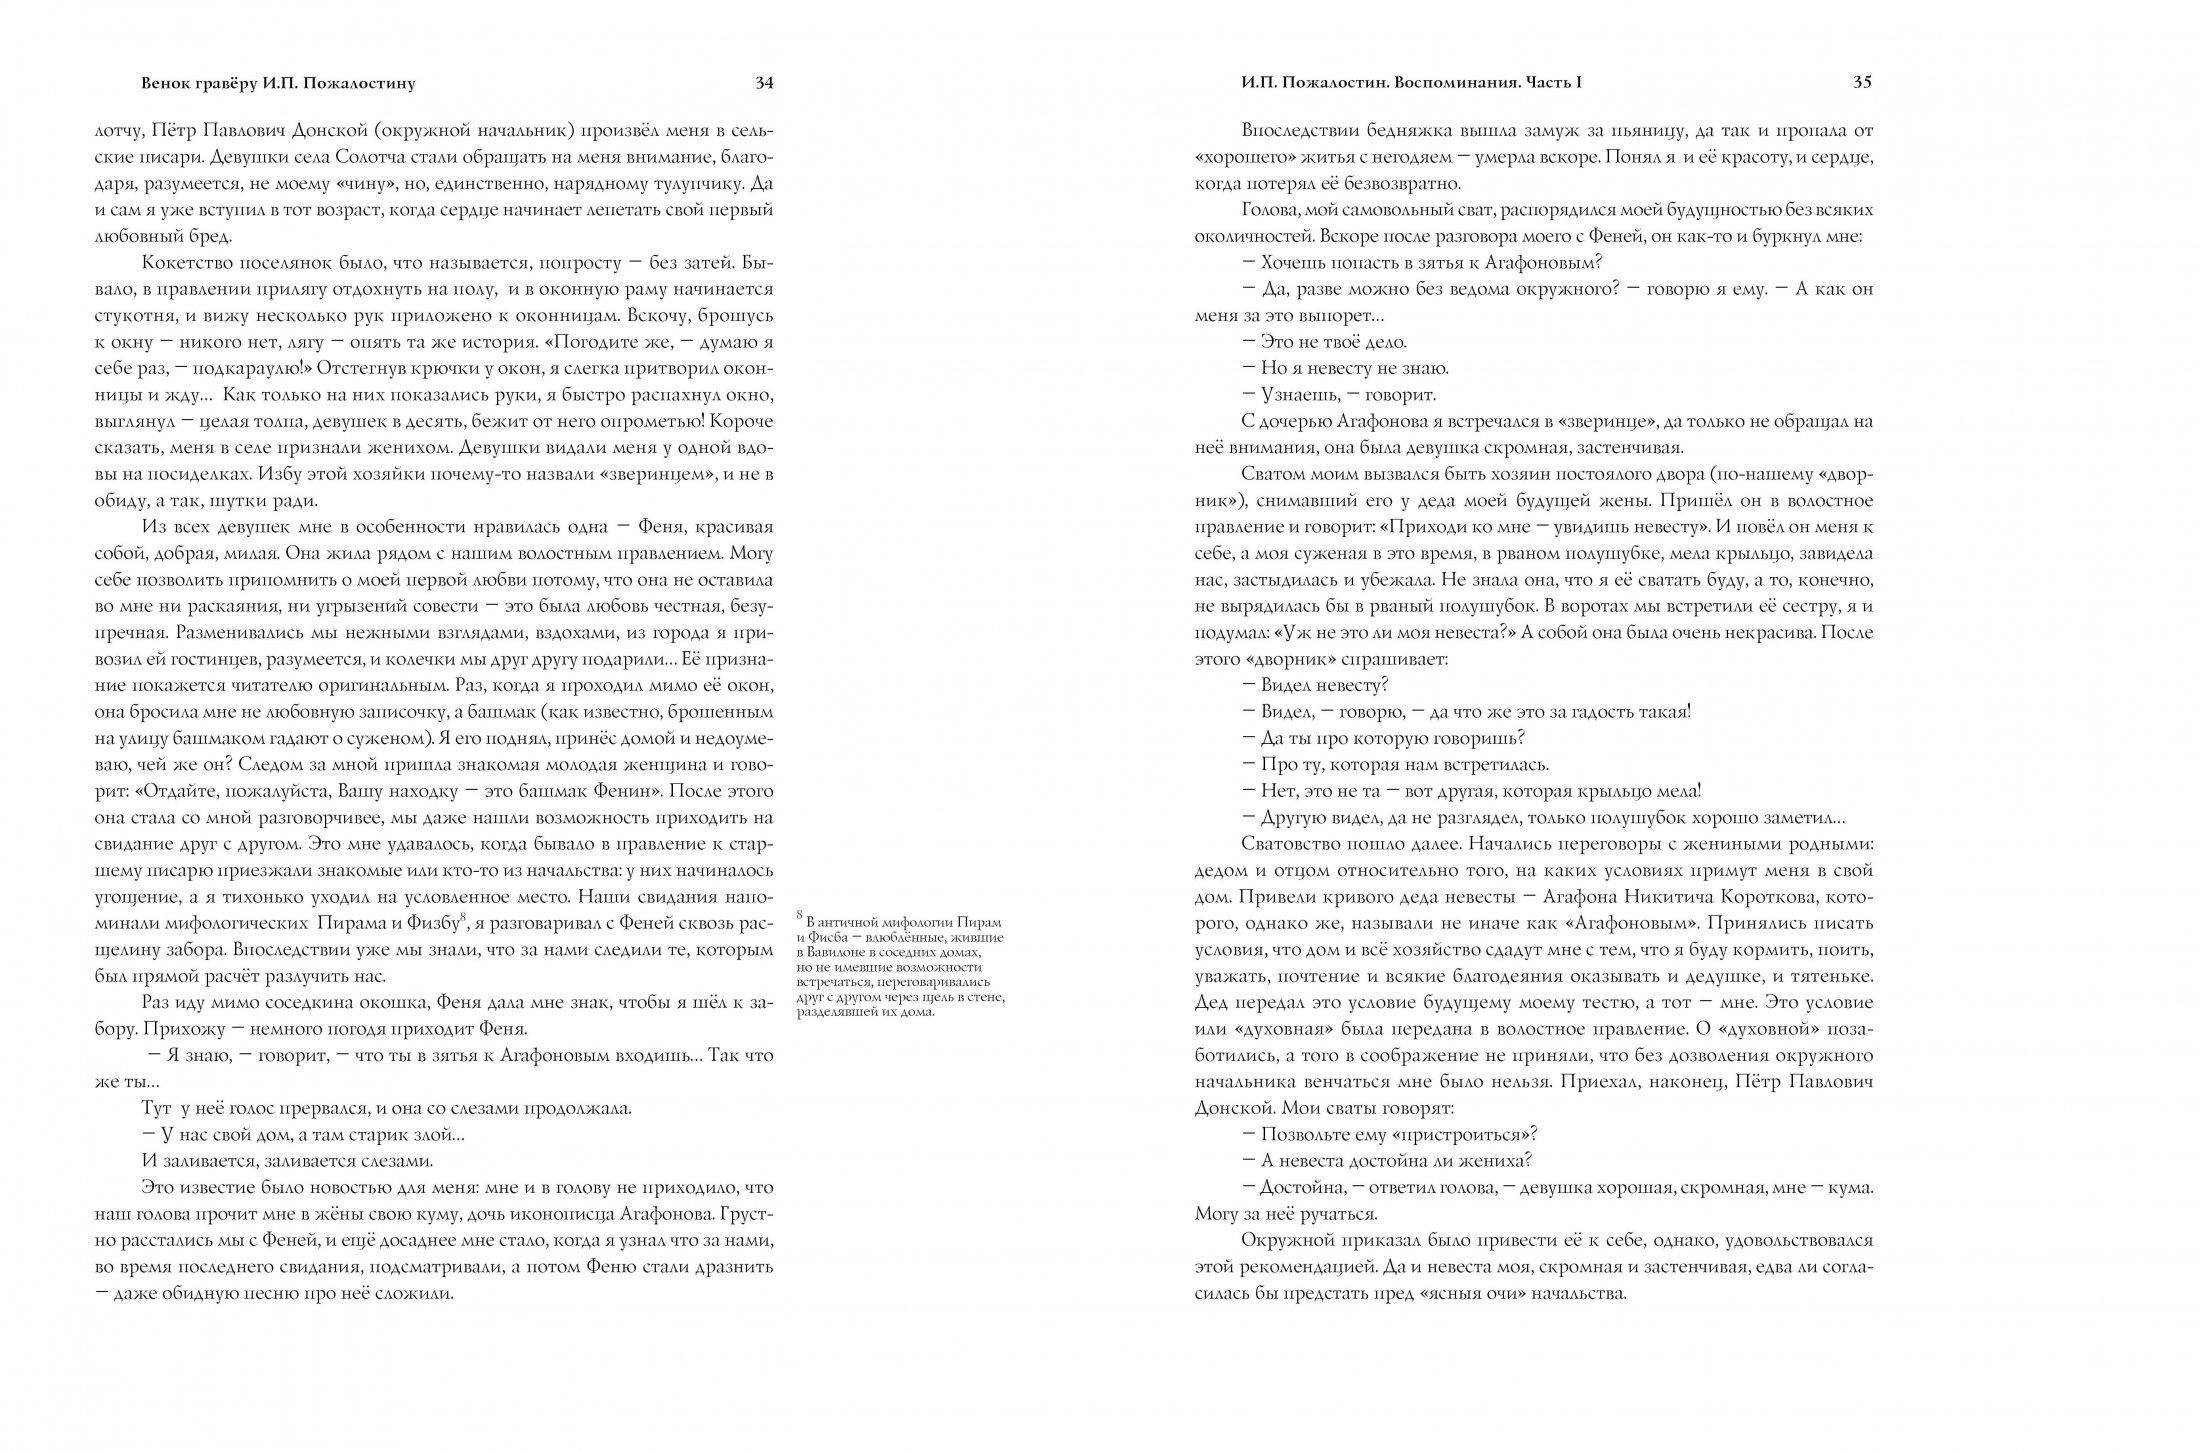 Книга гравёра Пожалостина18